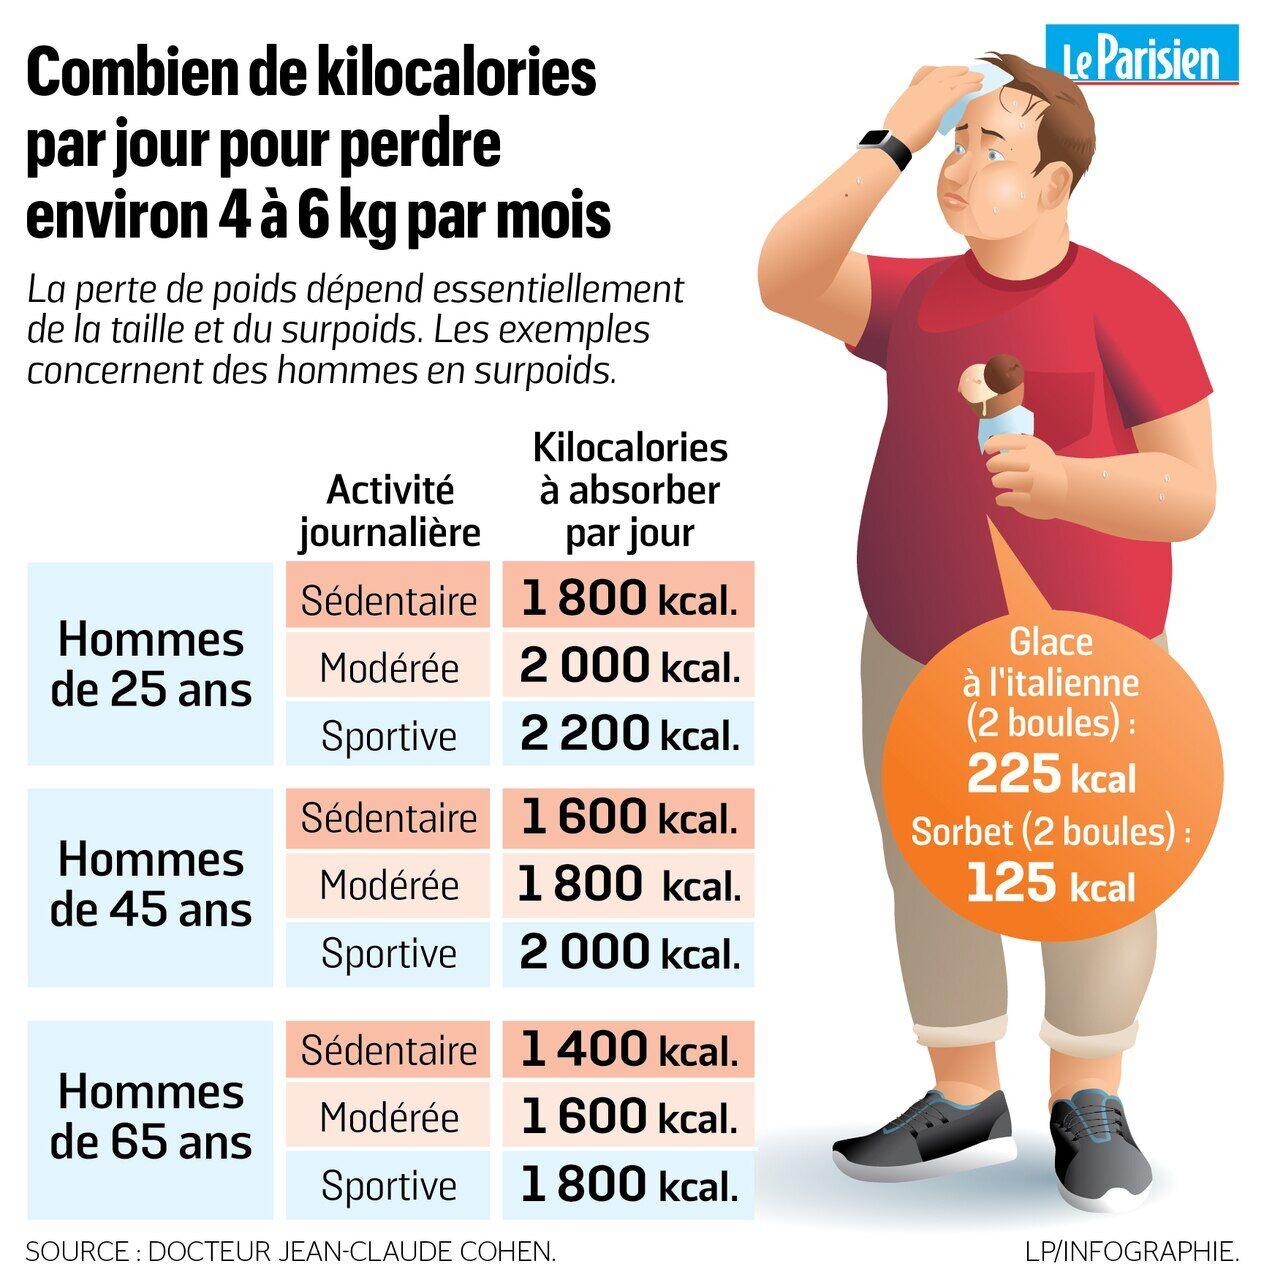 Combien de kilos perdre par semaine / mois ?